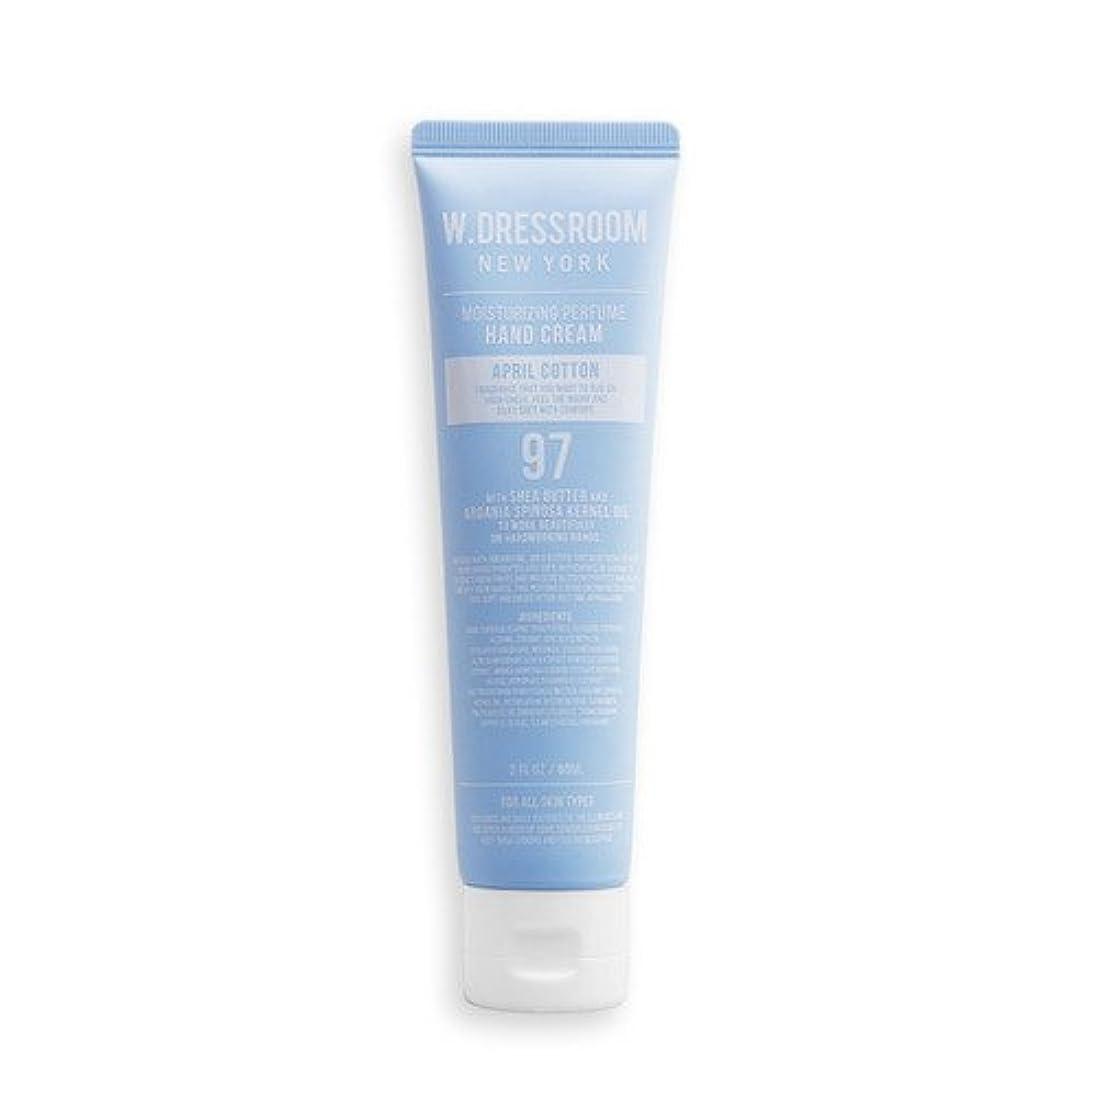 バドミントンバイバイ結果W.DRESSROOM Moisturizing Perfume Hand Cream 60ml/ダブルドレスルーム モイスチャライジング パフューム ハンドクリーム 60ml (#No.97 April Cotton)...